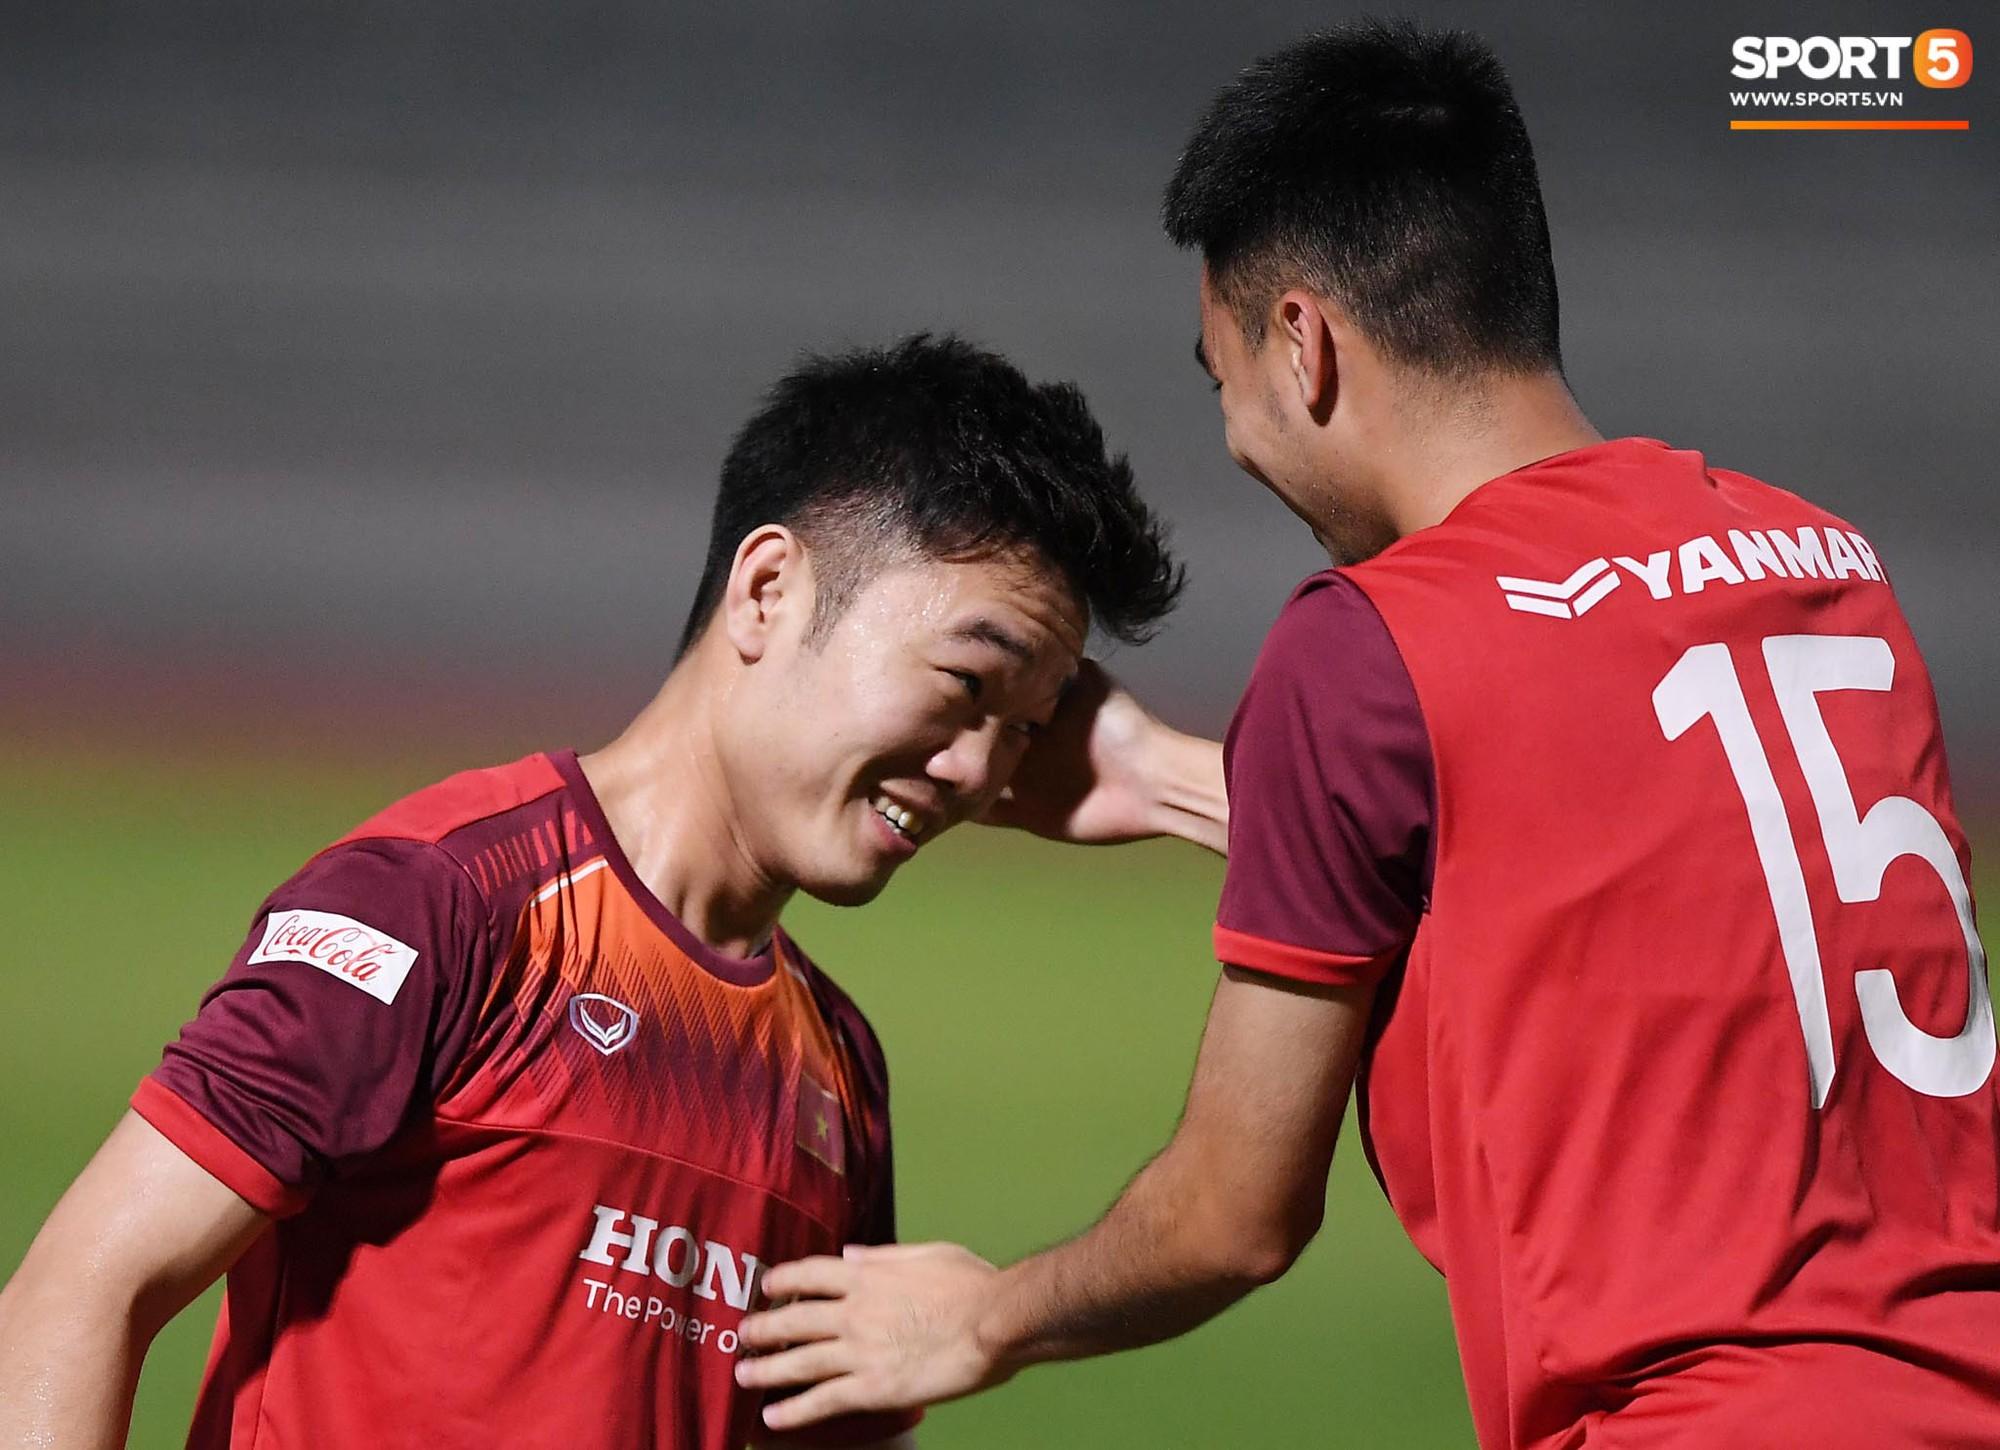 Lịch thi đấu King's Cup 2019: Tuyển Việt Nam chạm trán Thái Lan hôm nay - Ảnh 6.